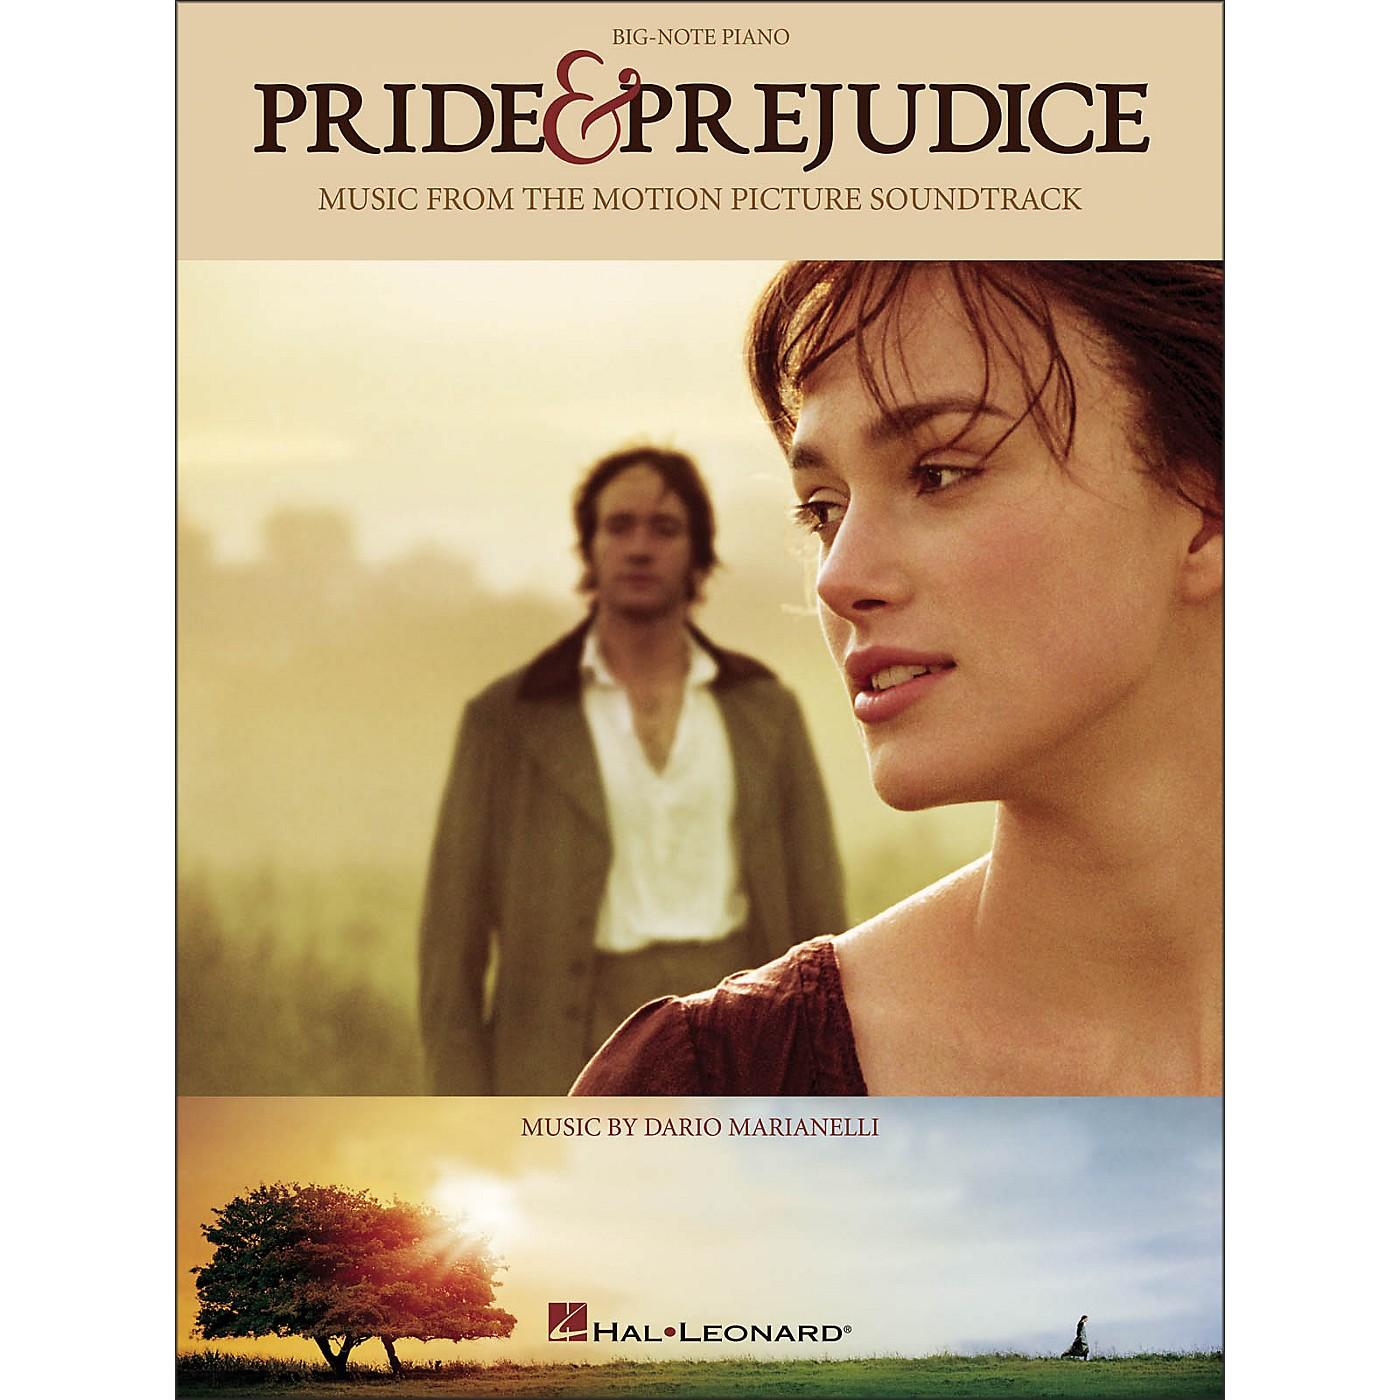 Hal Leonard Pride & Prejudice for Big Note Piano thumbnail